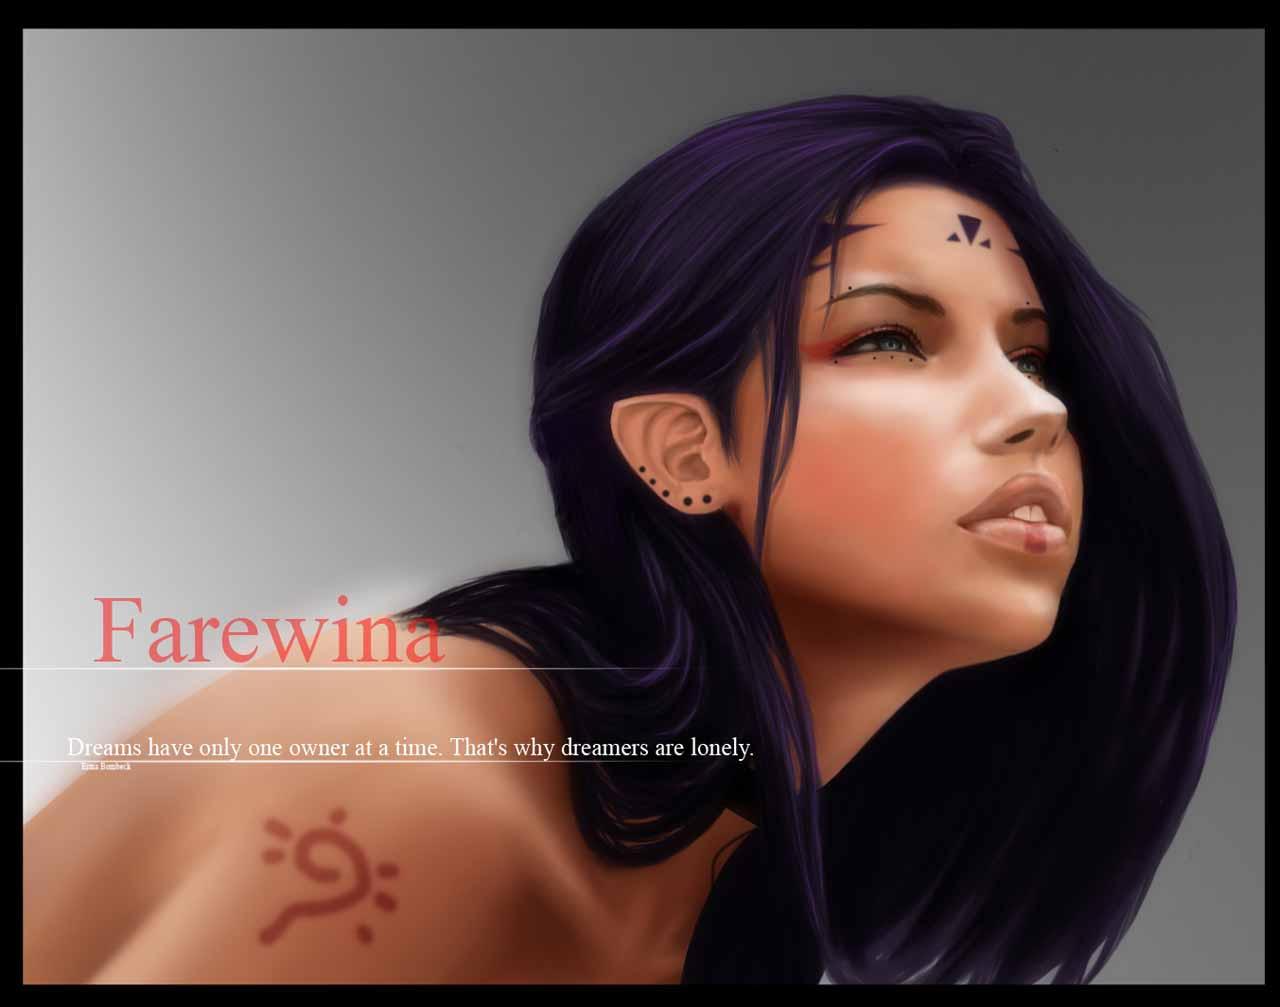 farewine by cyberunique